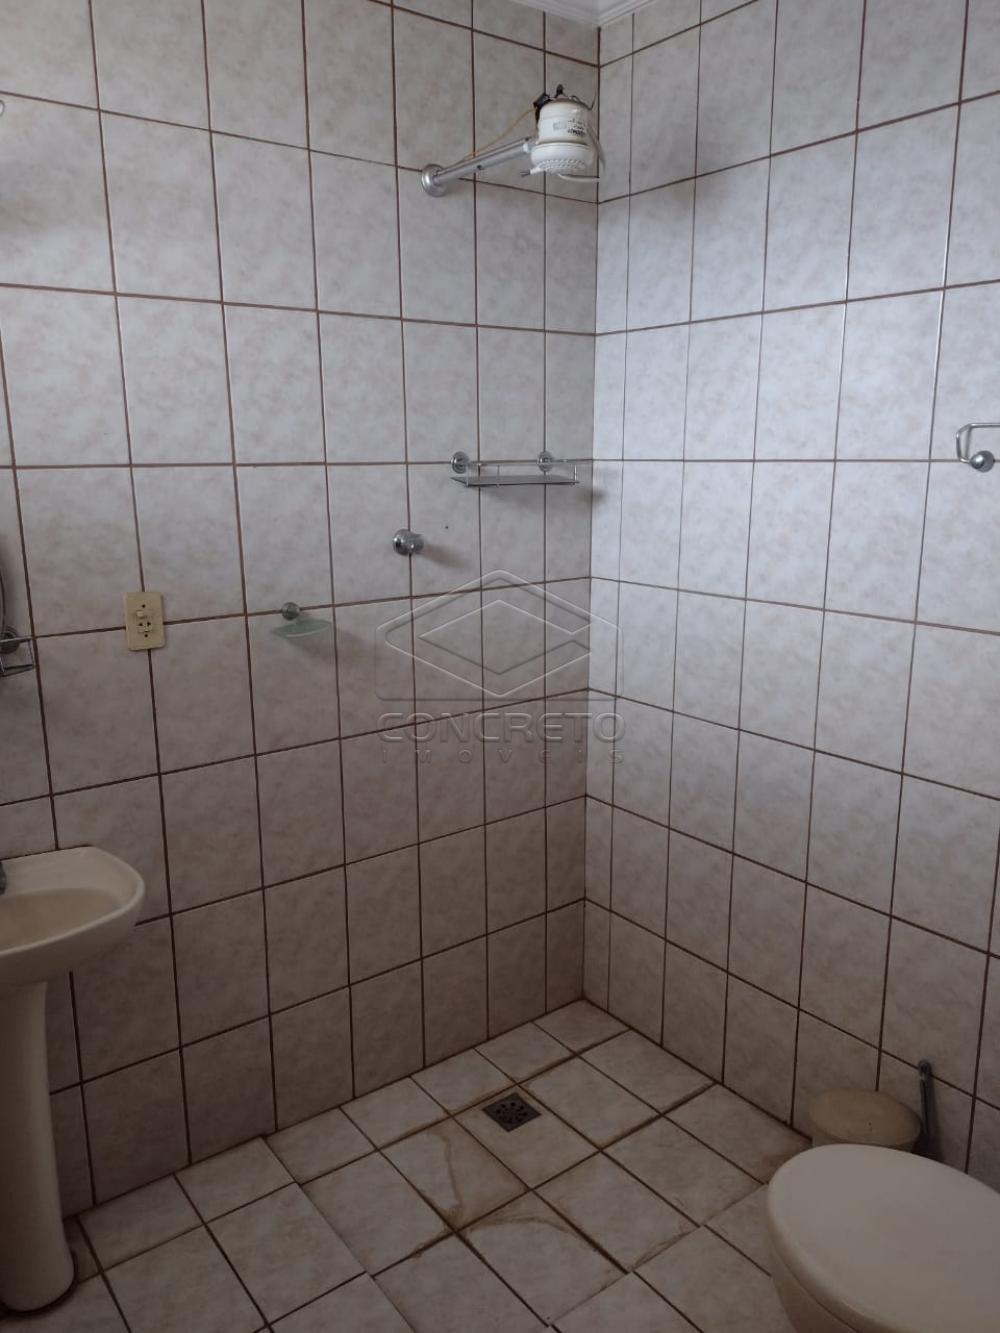 Comprar Casa / Padrão em Bauru apenas R$ 280.000,00 - Foto 15